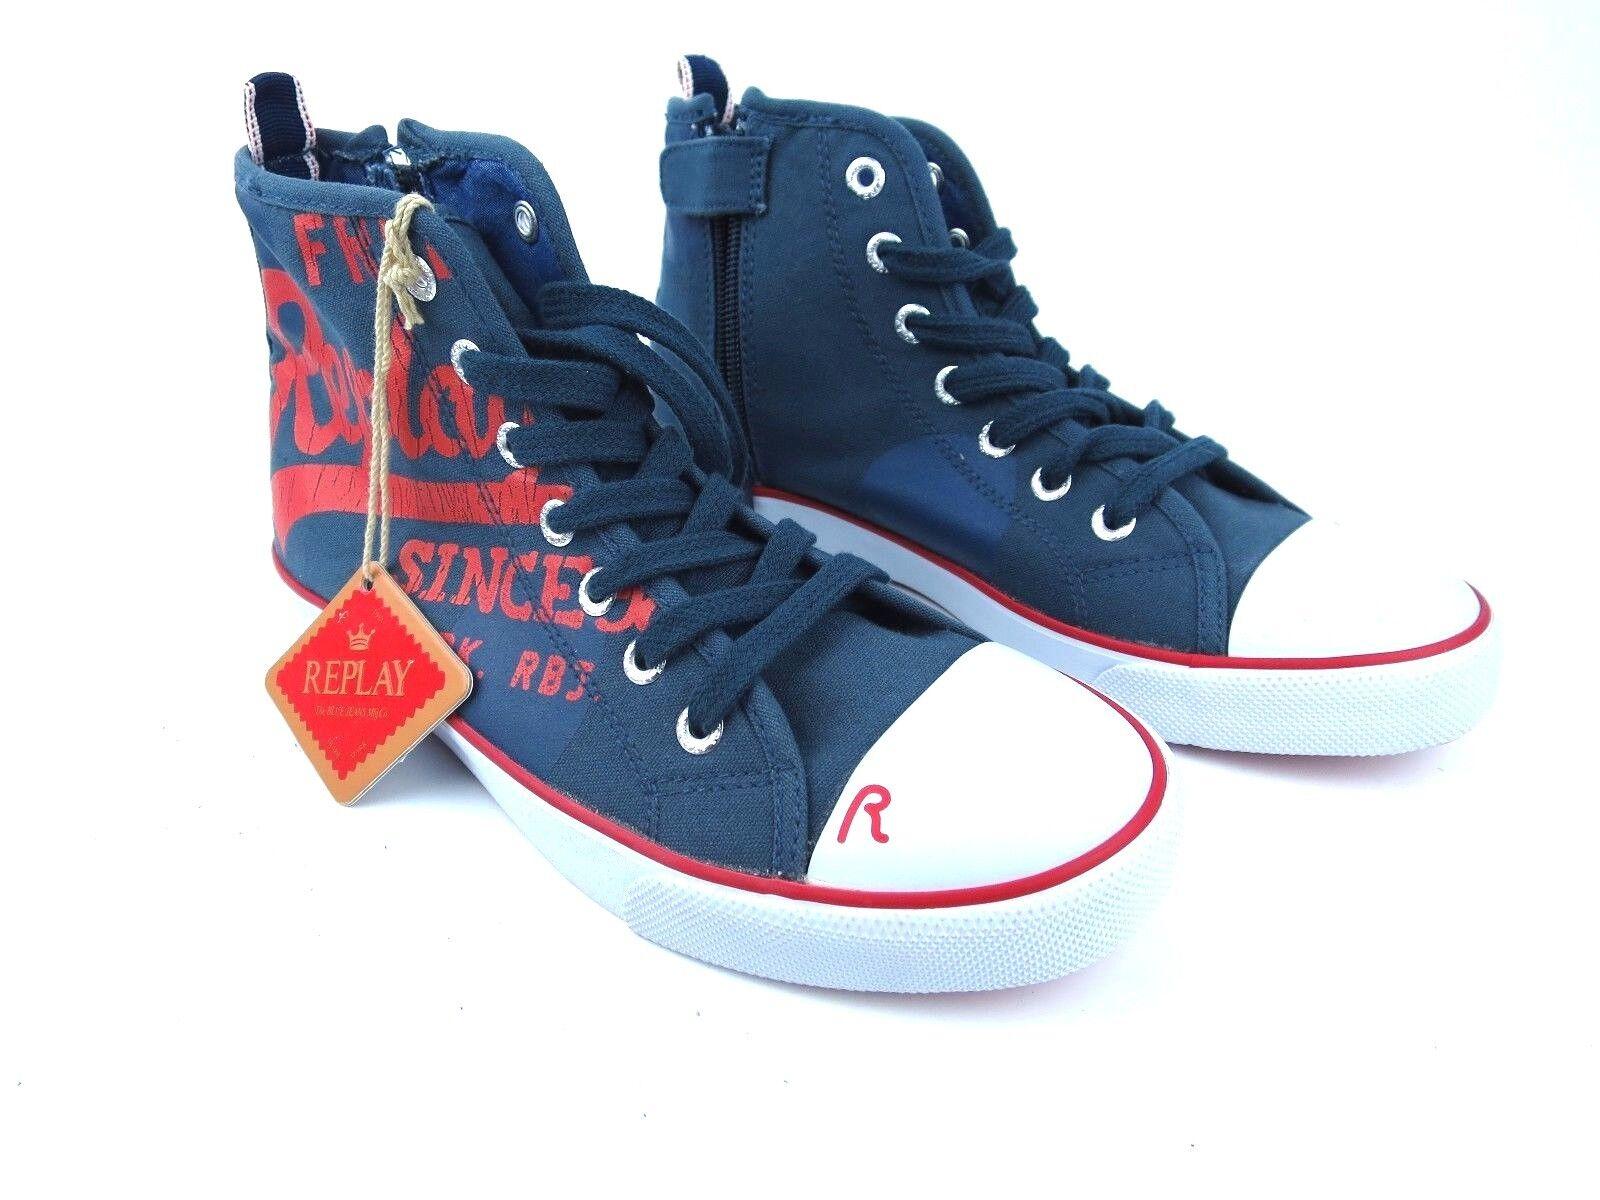 REPLAY Boys Kinder Jungen Mädchen Sneaker Boys REPLAY Girls Unisex Schuhe Sneakers GBV08 45T b2a510